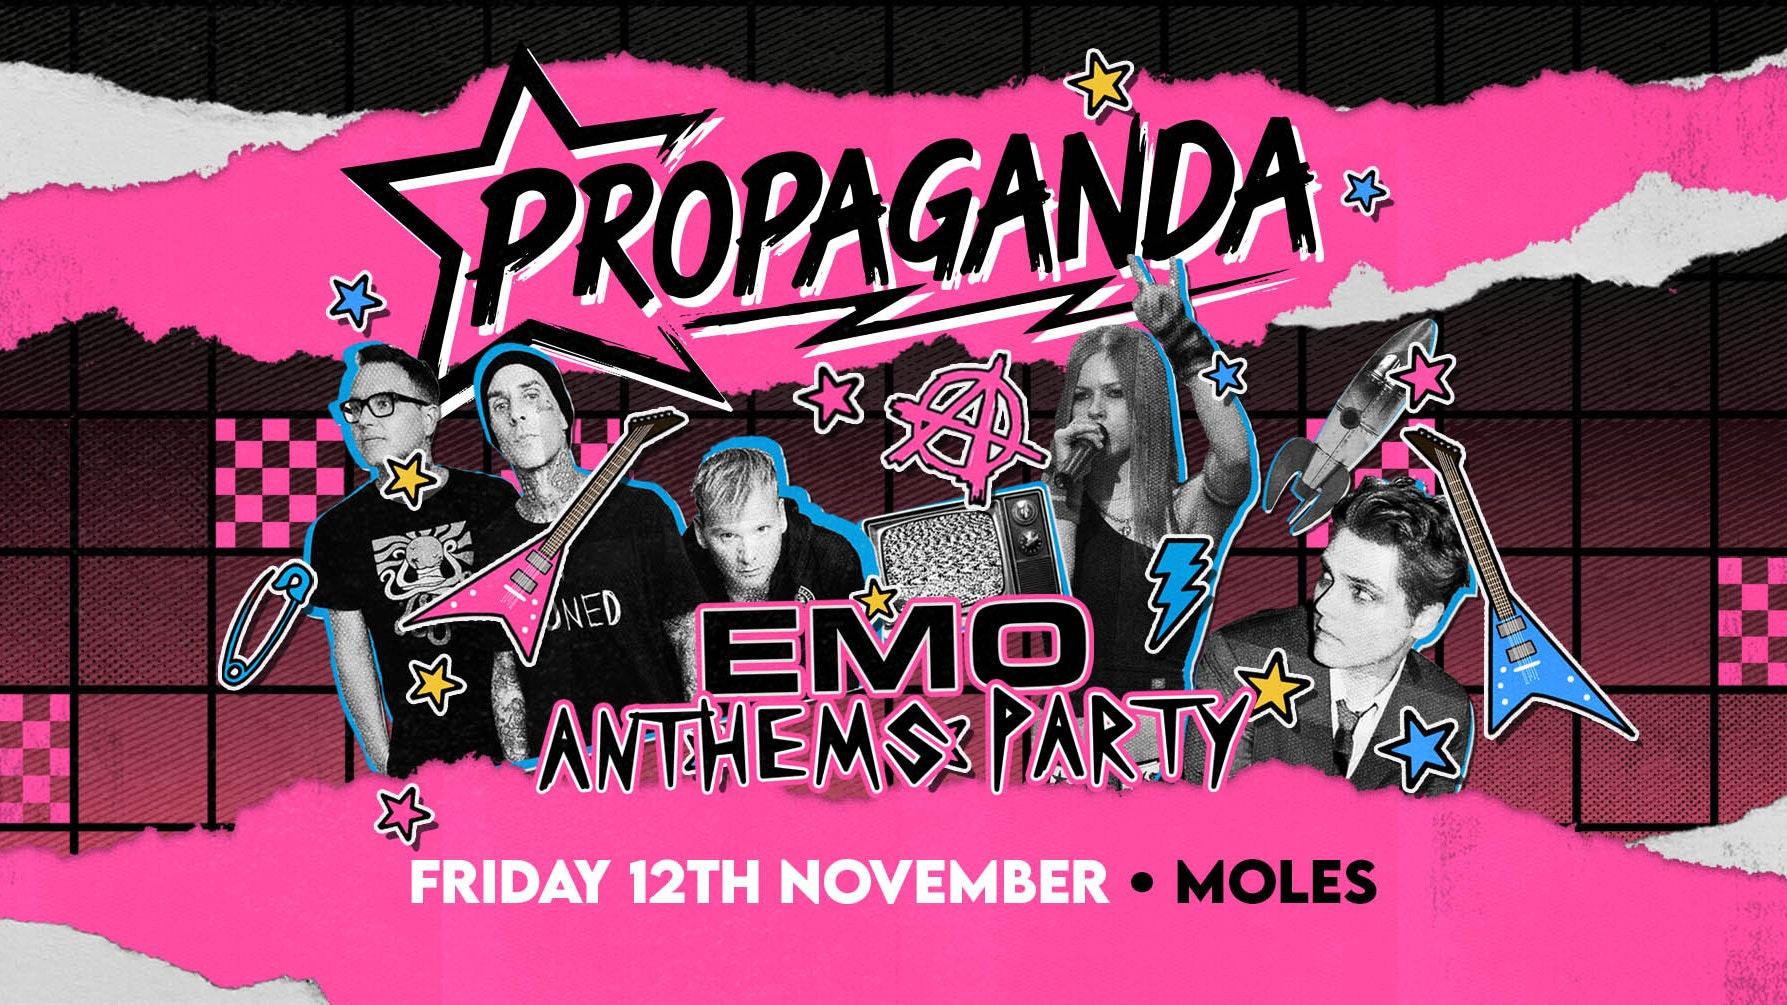 Propaganda Bath – Emo Anthems Party!